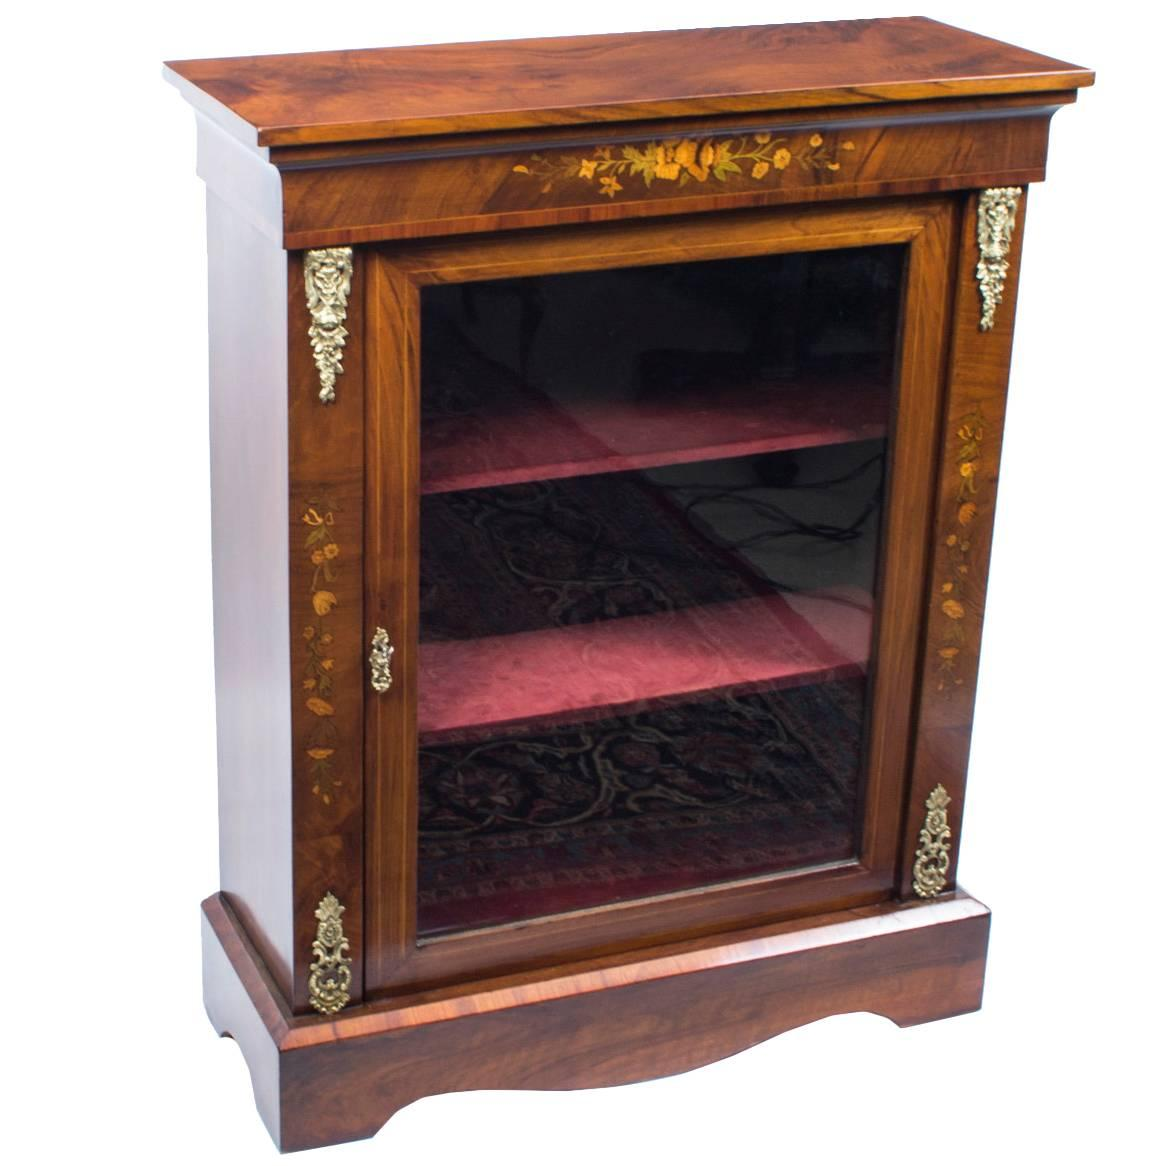 19th Century Victorian Burr Walnut Marquetry Pier Cabinet